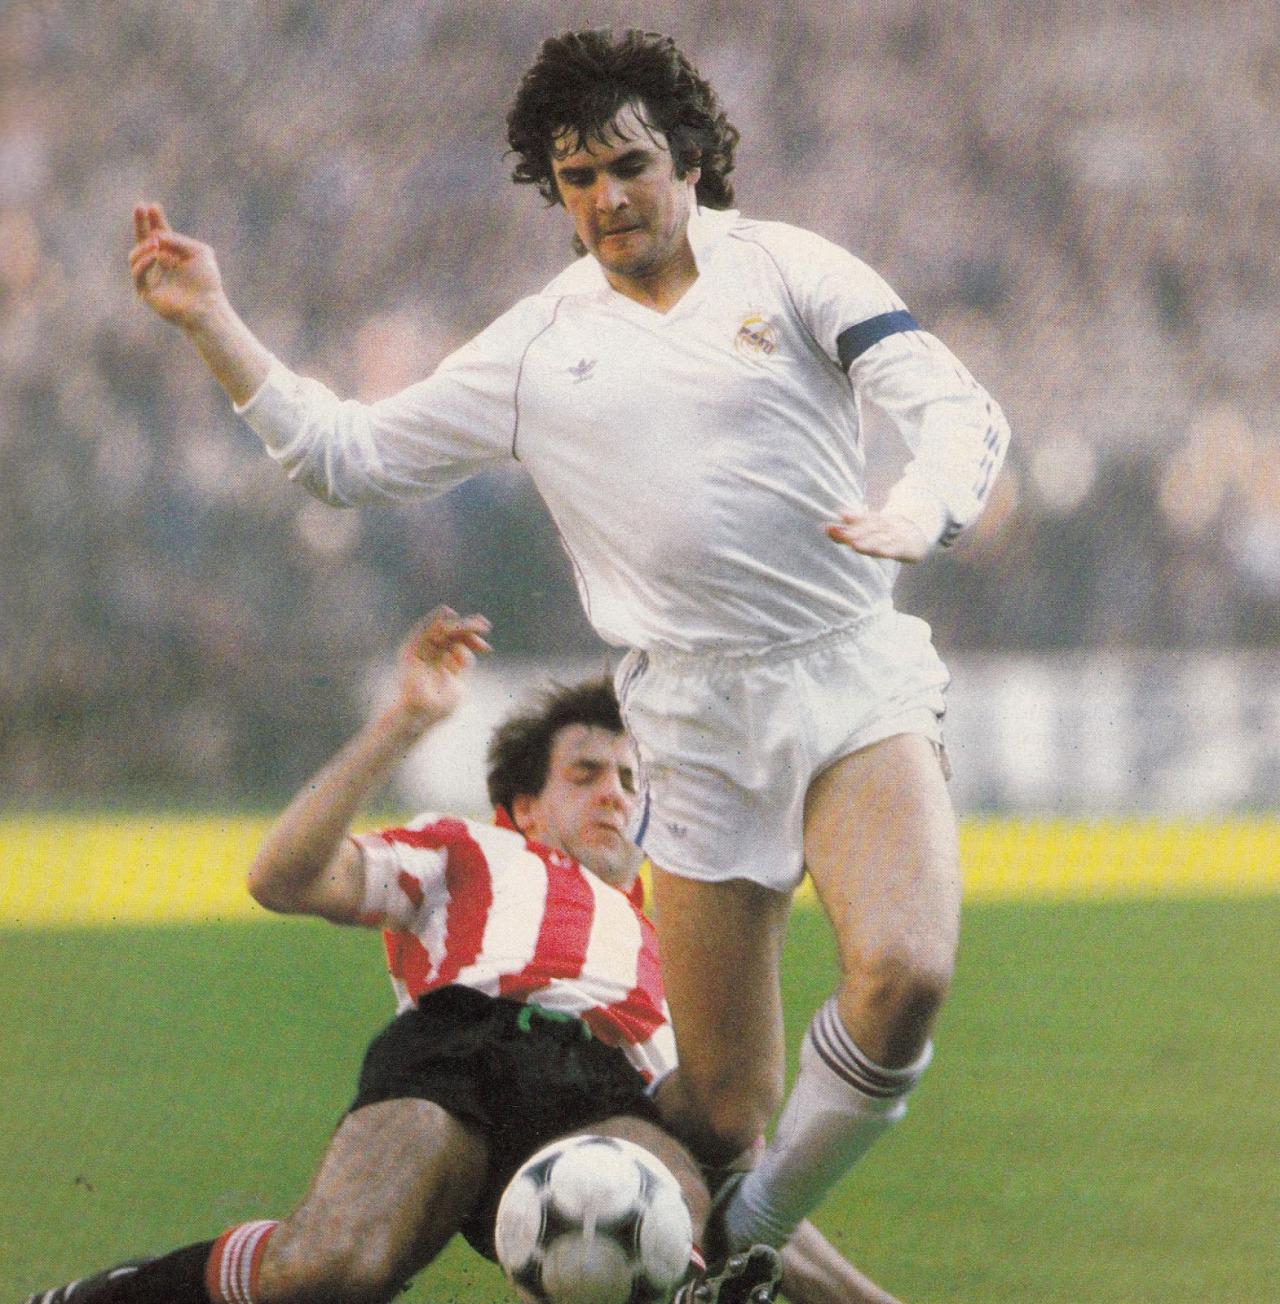 El Once ideal de futbolistas españoles en el chiringuito Popuhead. - Página 5 Camacho